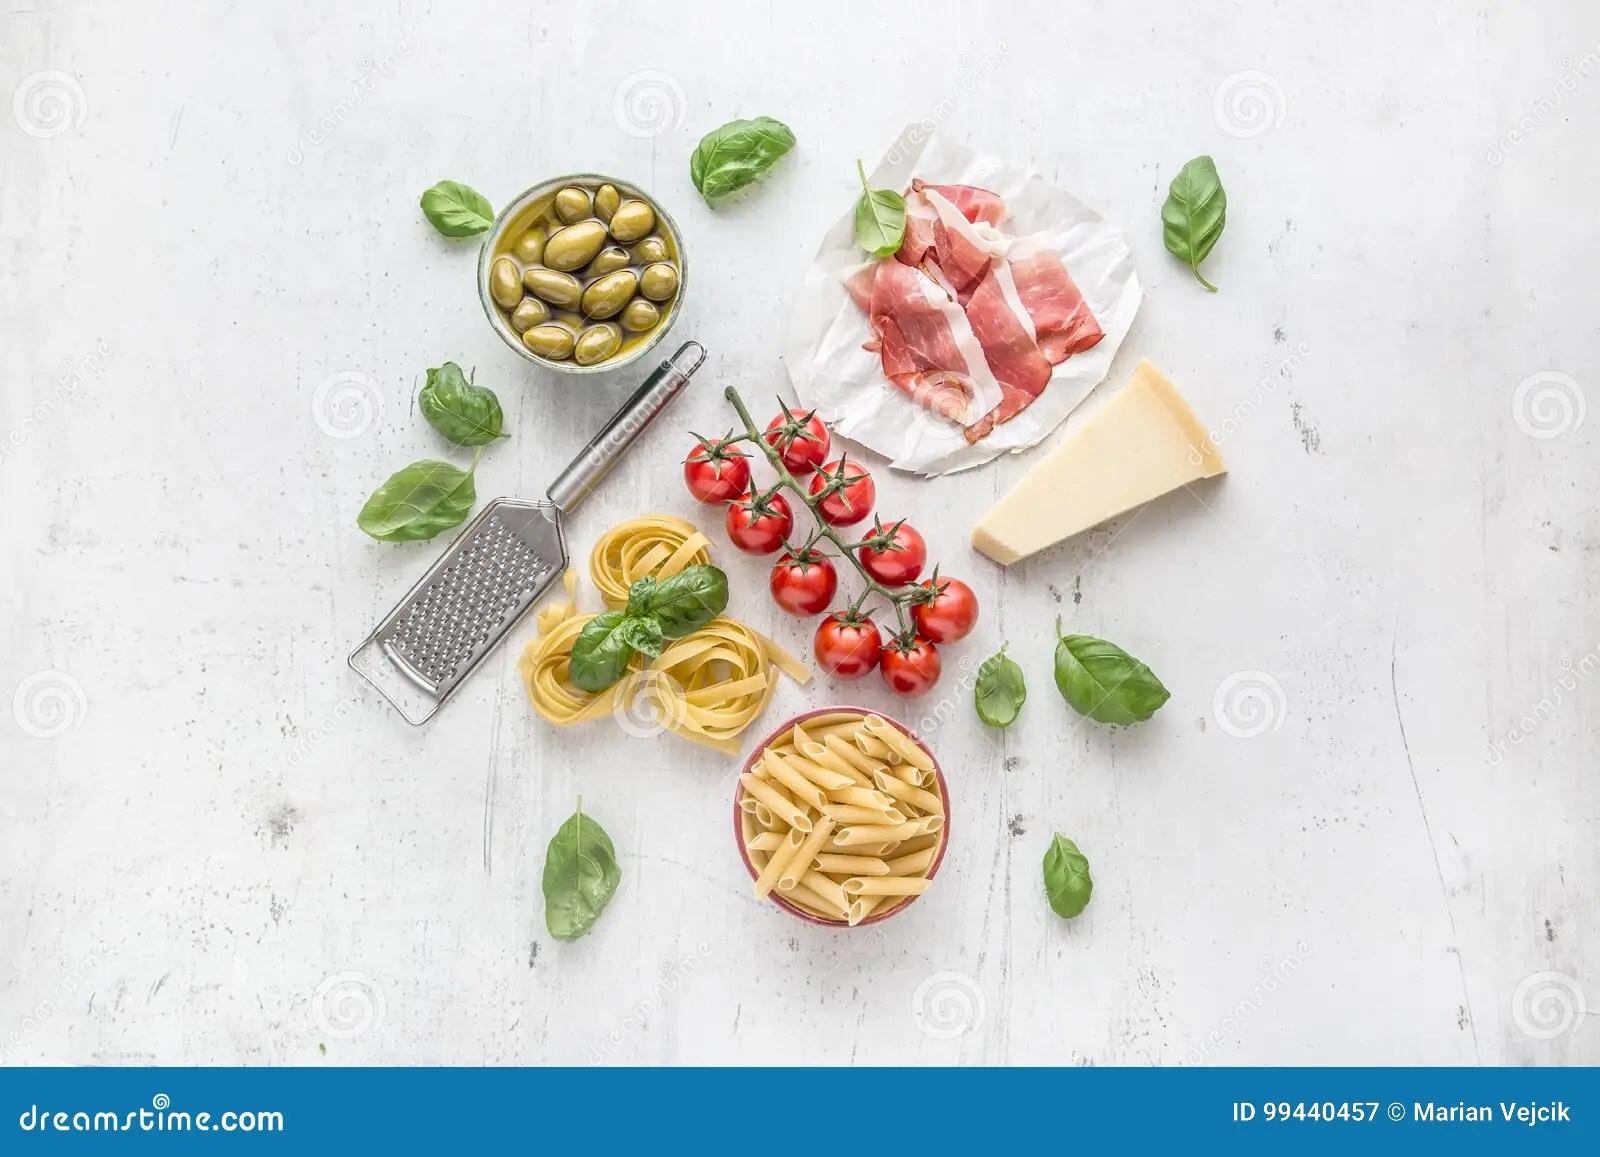 Cucina Italiana O Mediterranea Ed Ingredienti Dellalimento Sulla Tavola Concreta Bianca